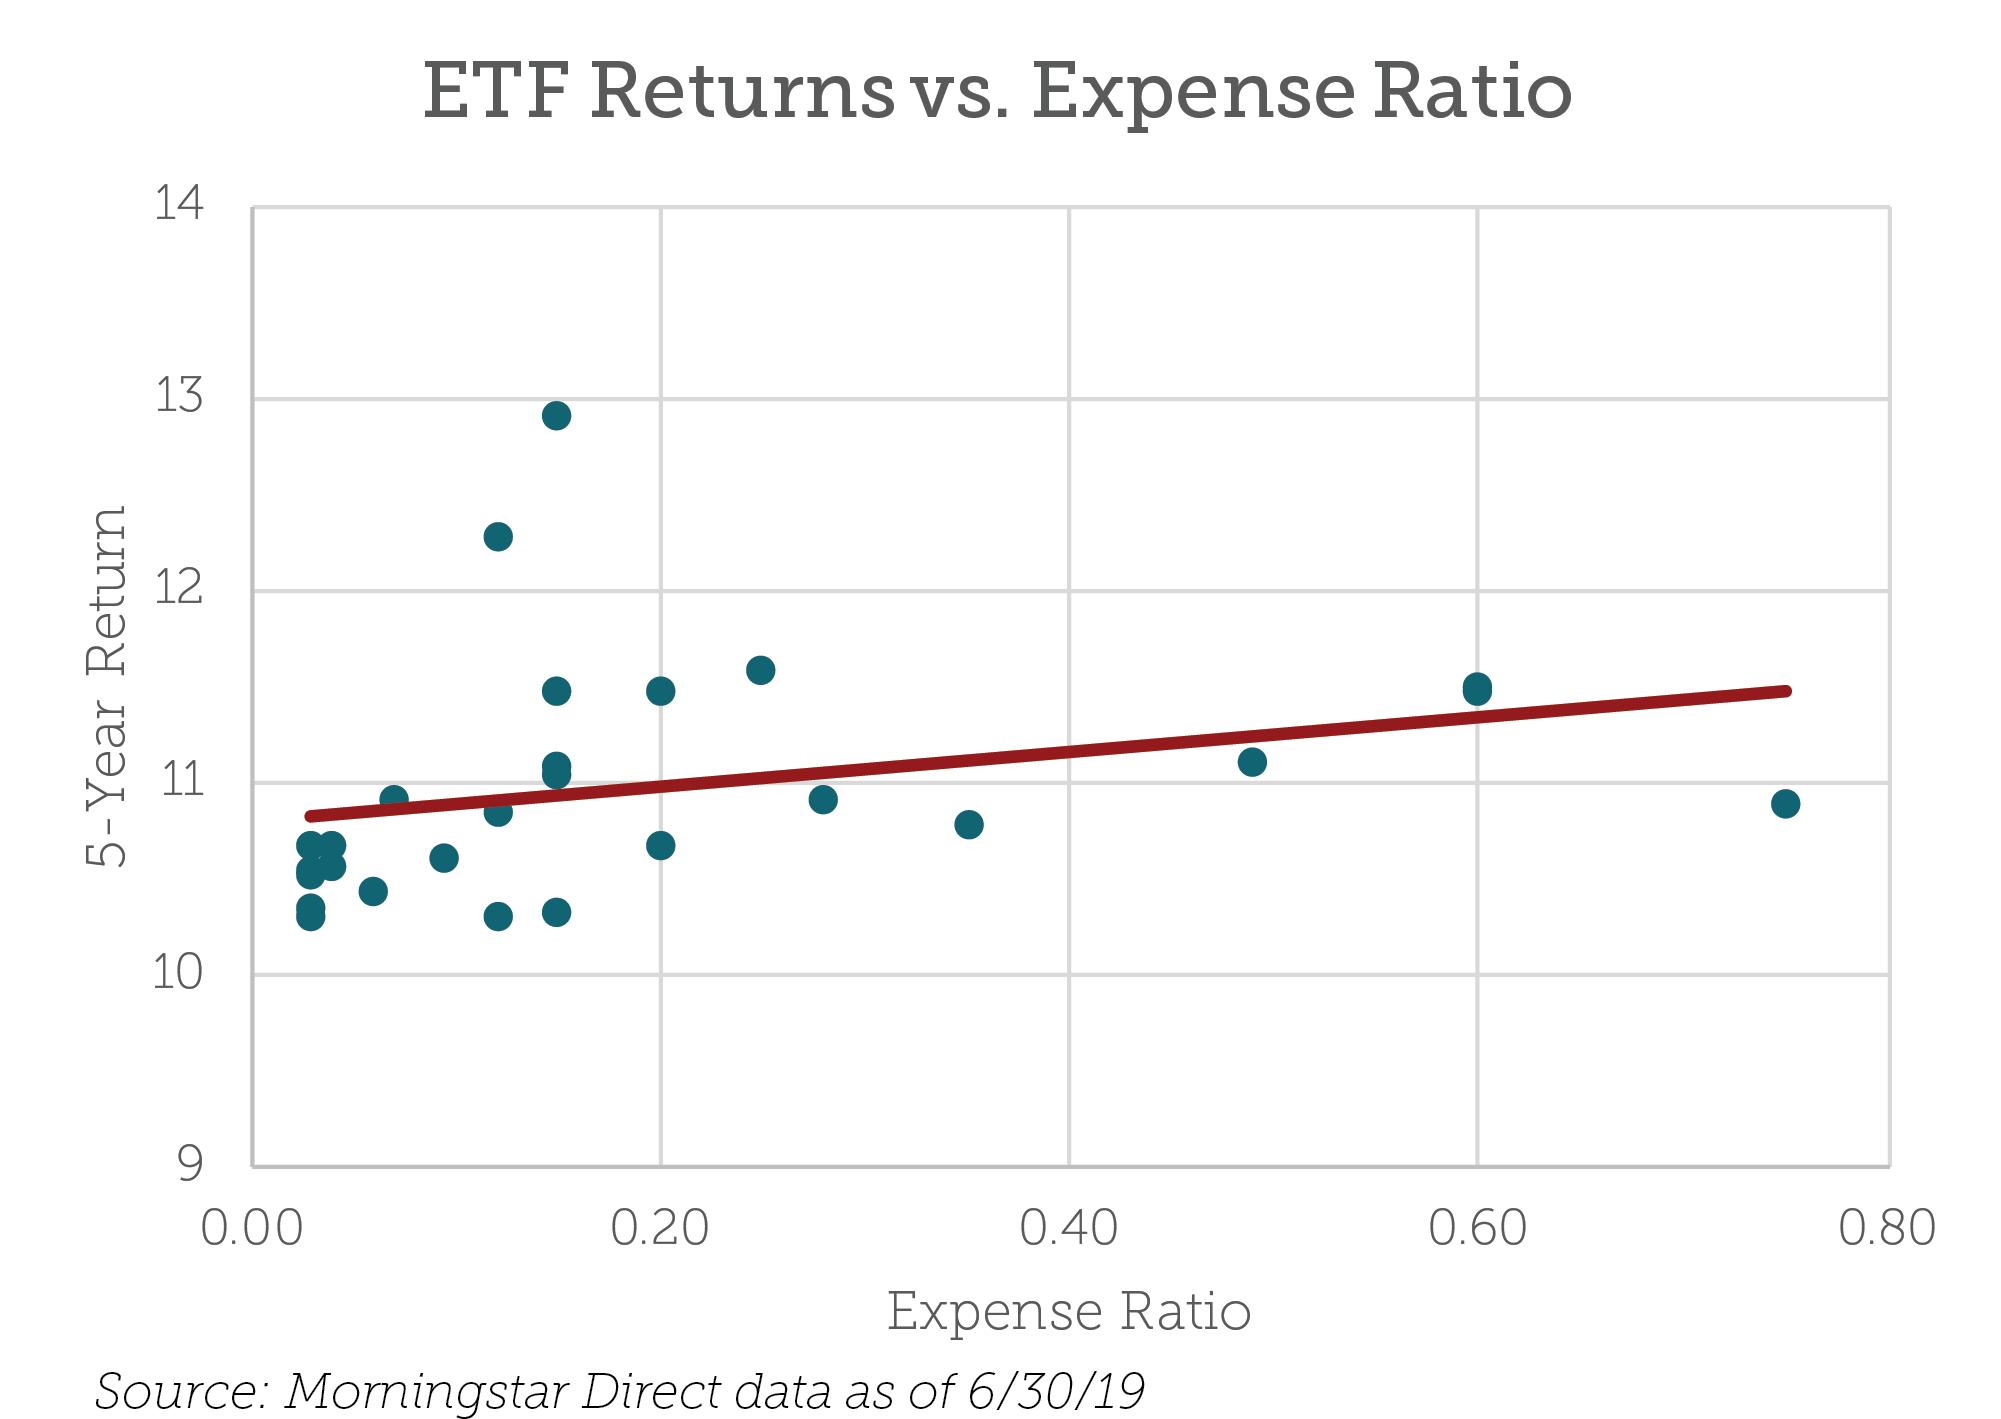 ETF returns versus expense ratio